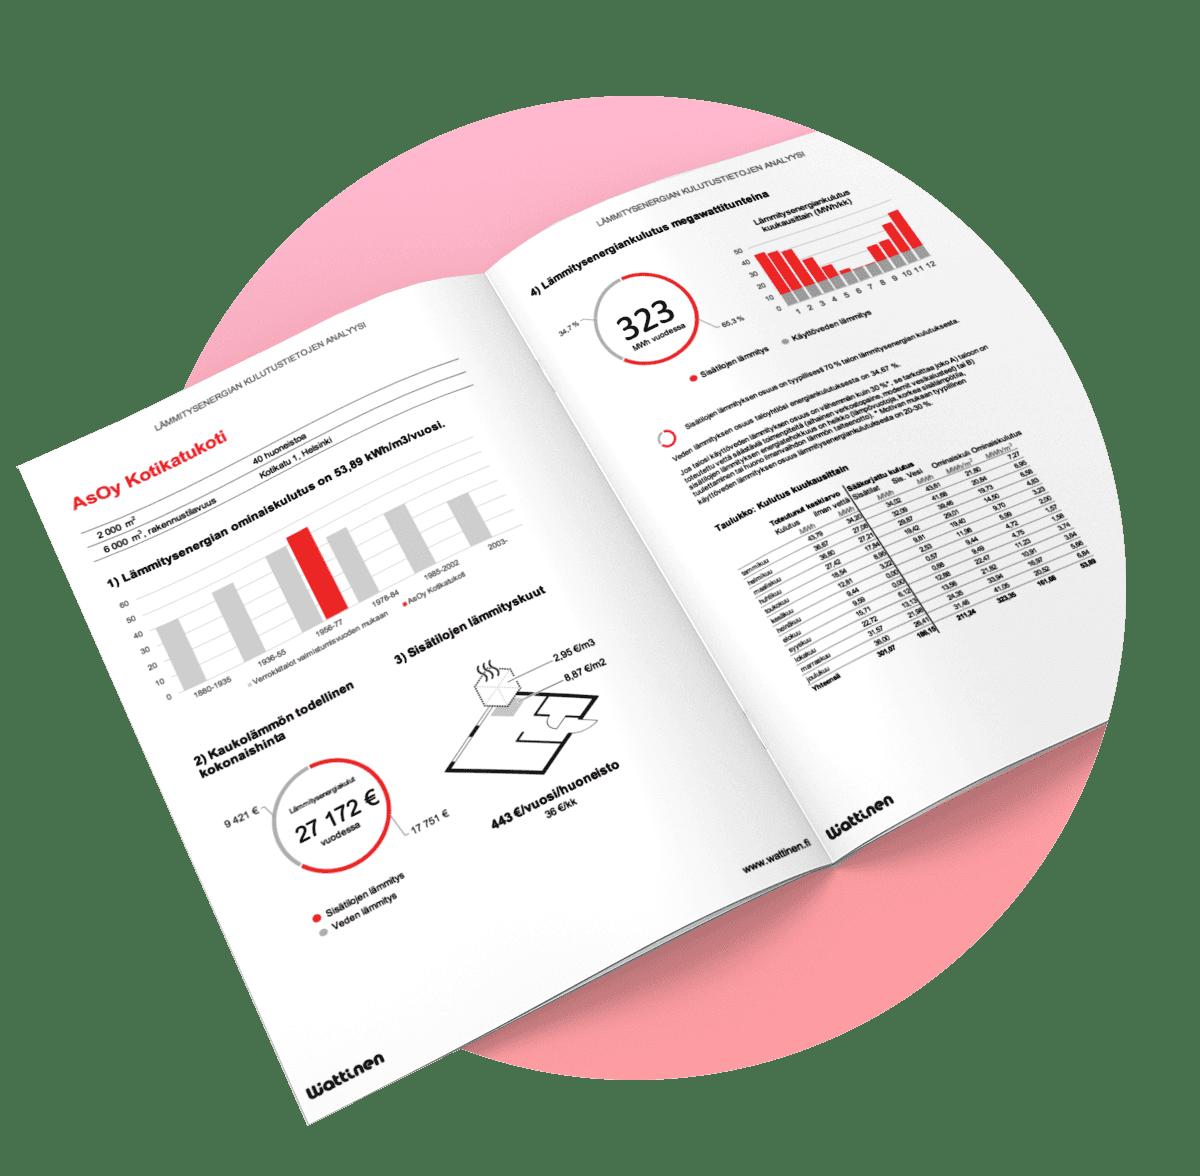 Kaukolämmön kulutuksen analyysin raportti.